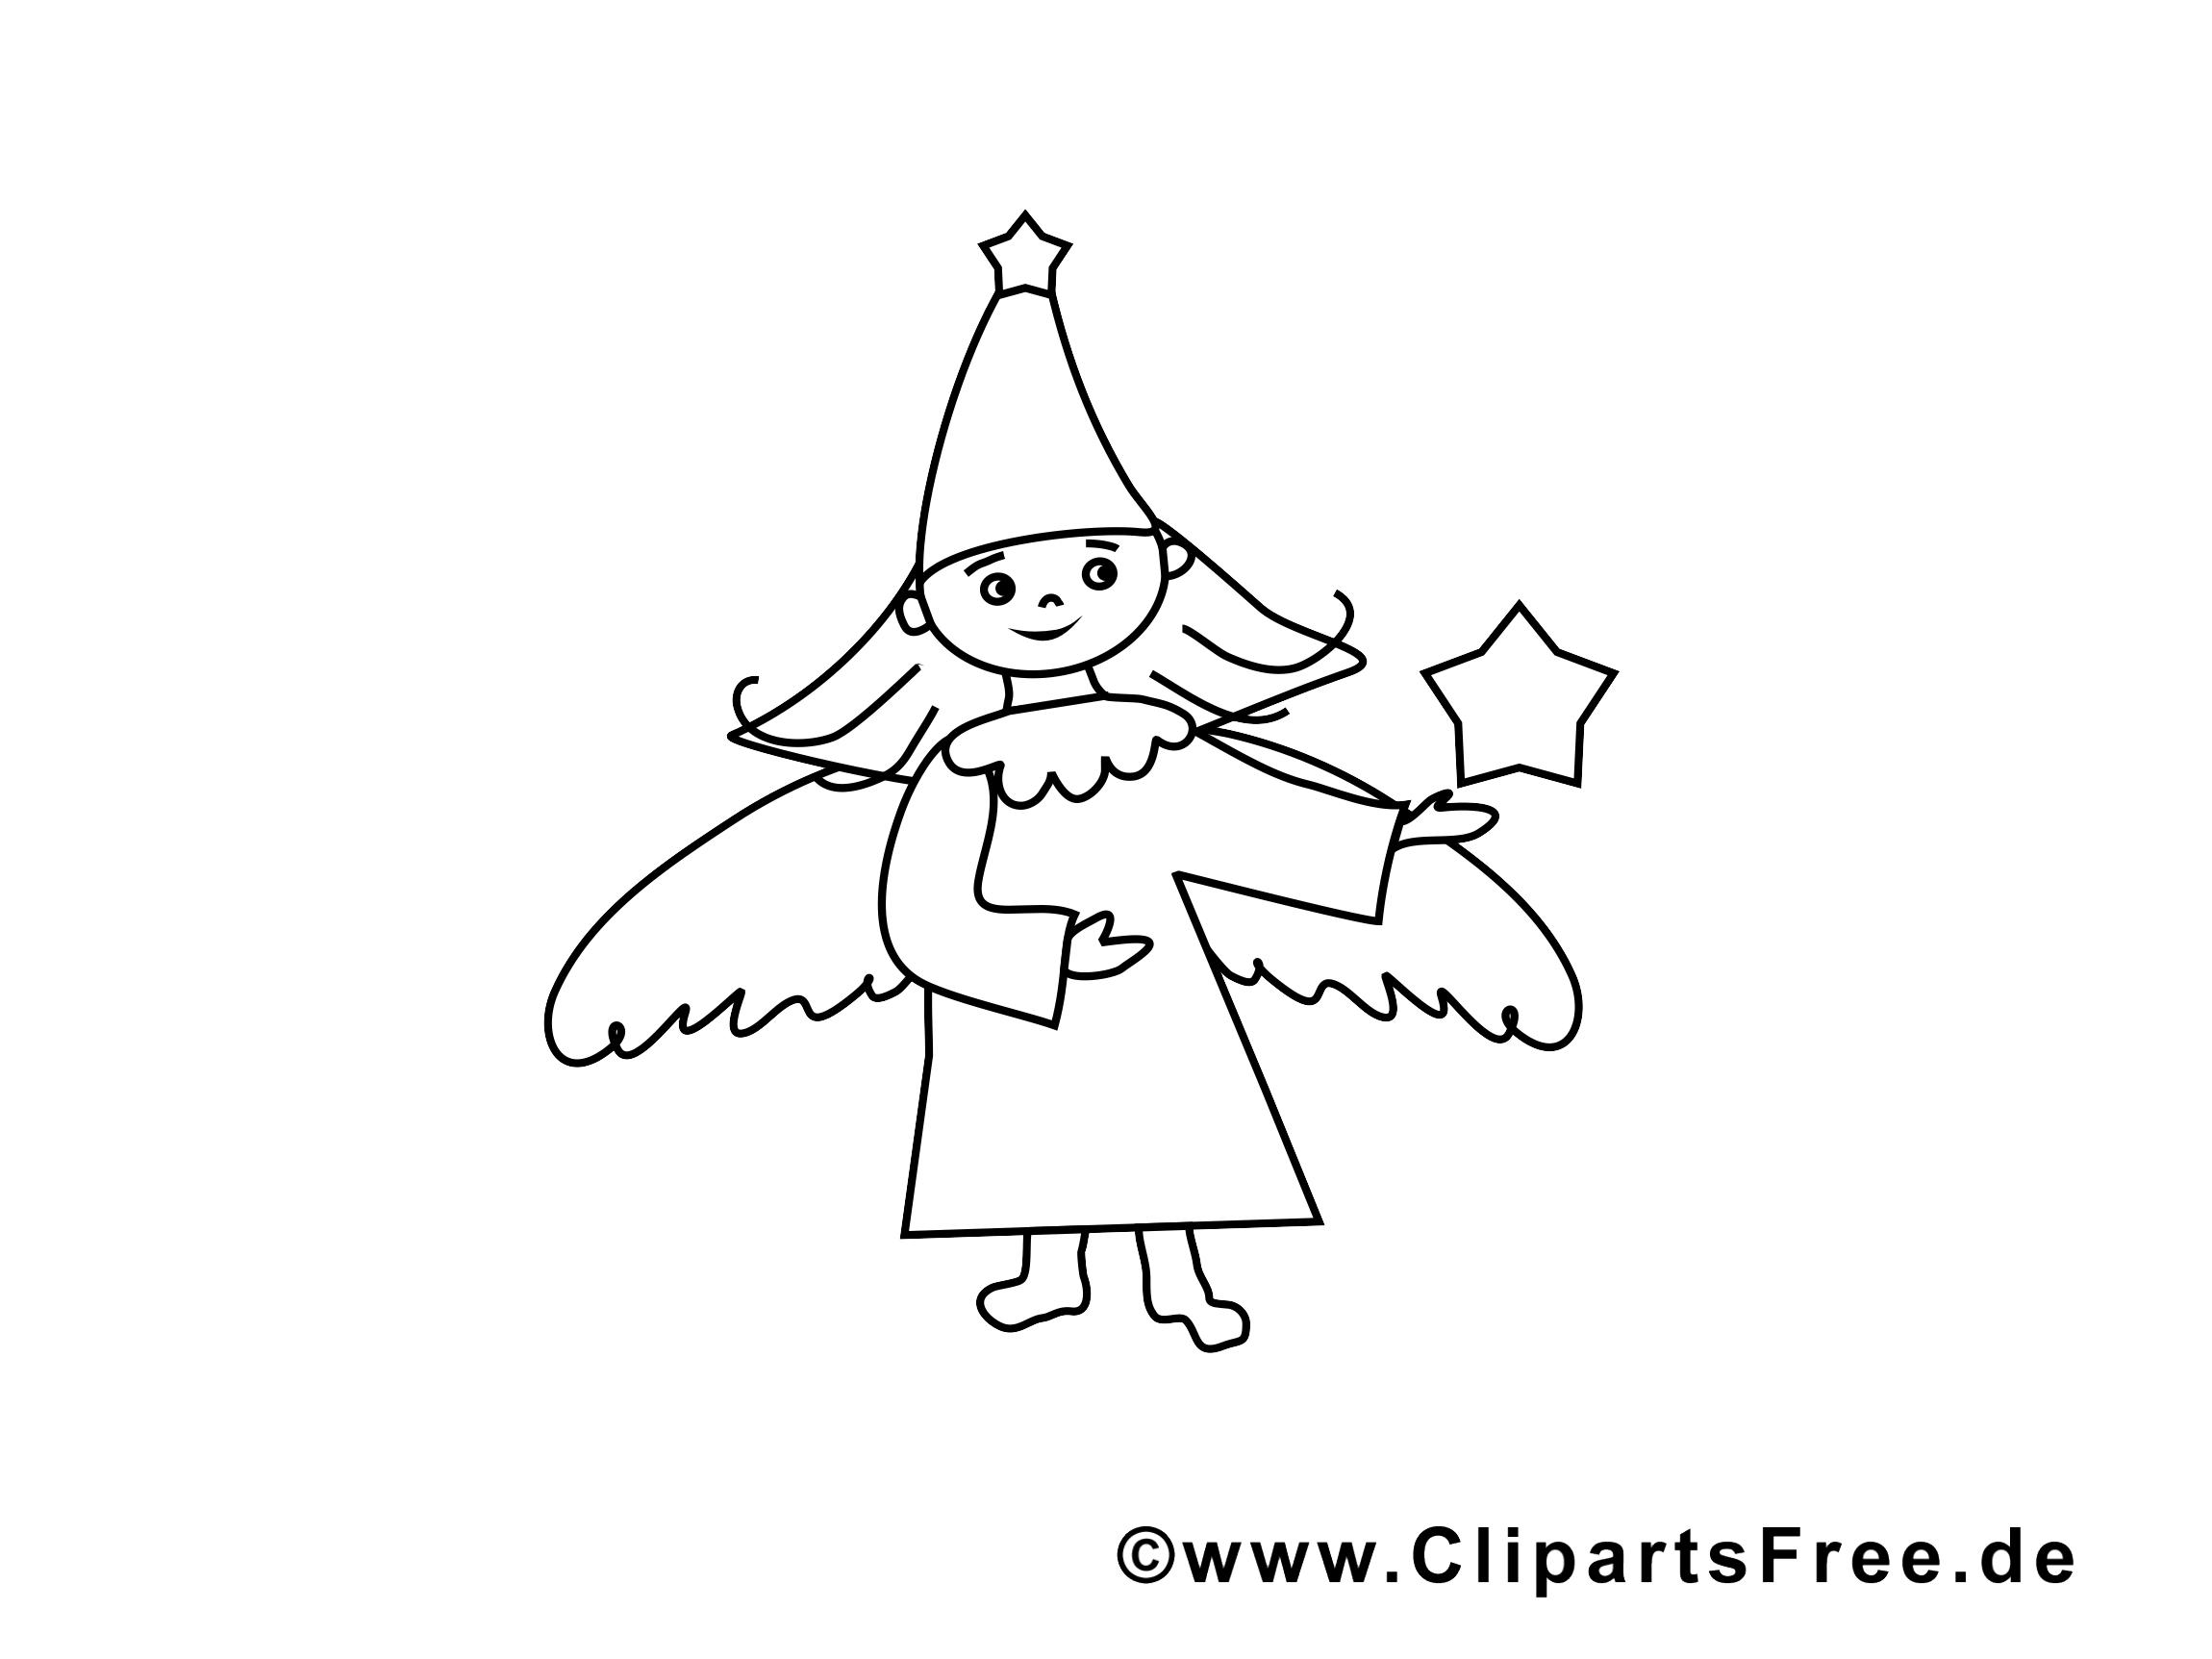 Ange images gratuites – Noël à colorier